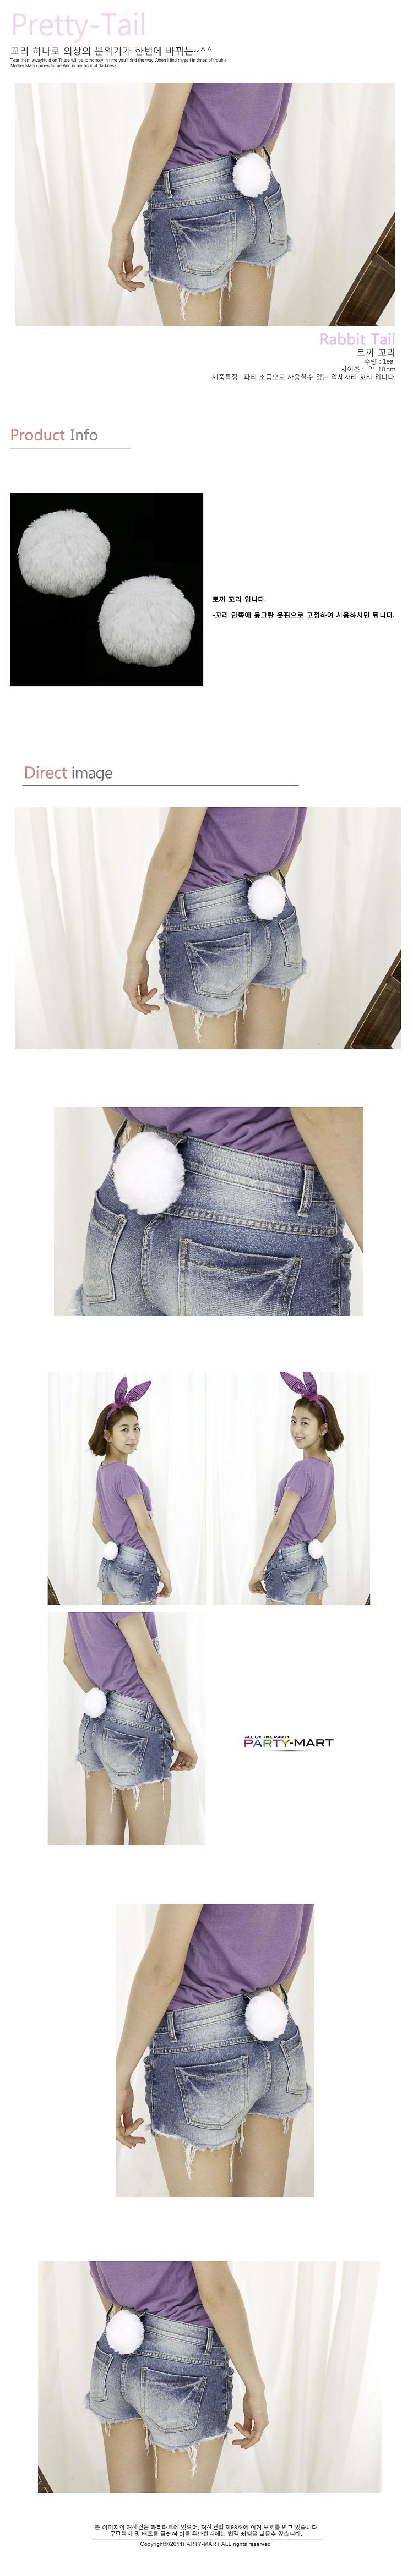 토끼꼬리 - 파티마트, 2,500원, 파티용품, 보조용품